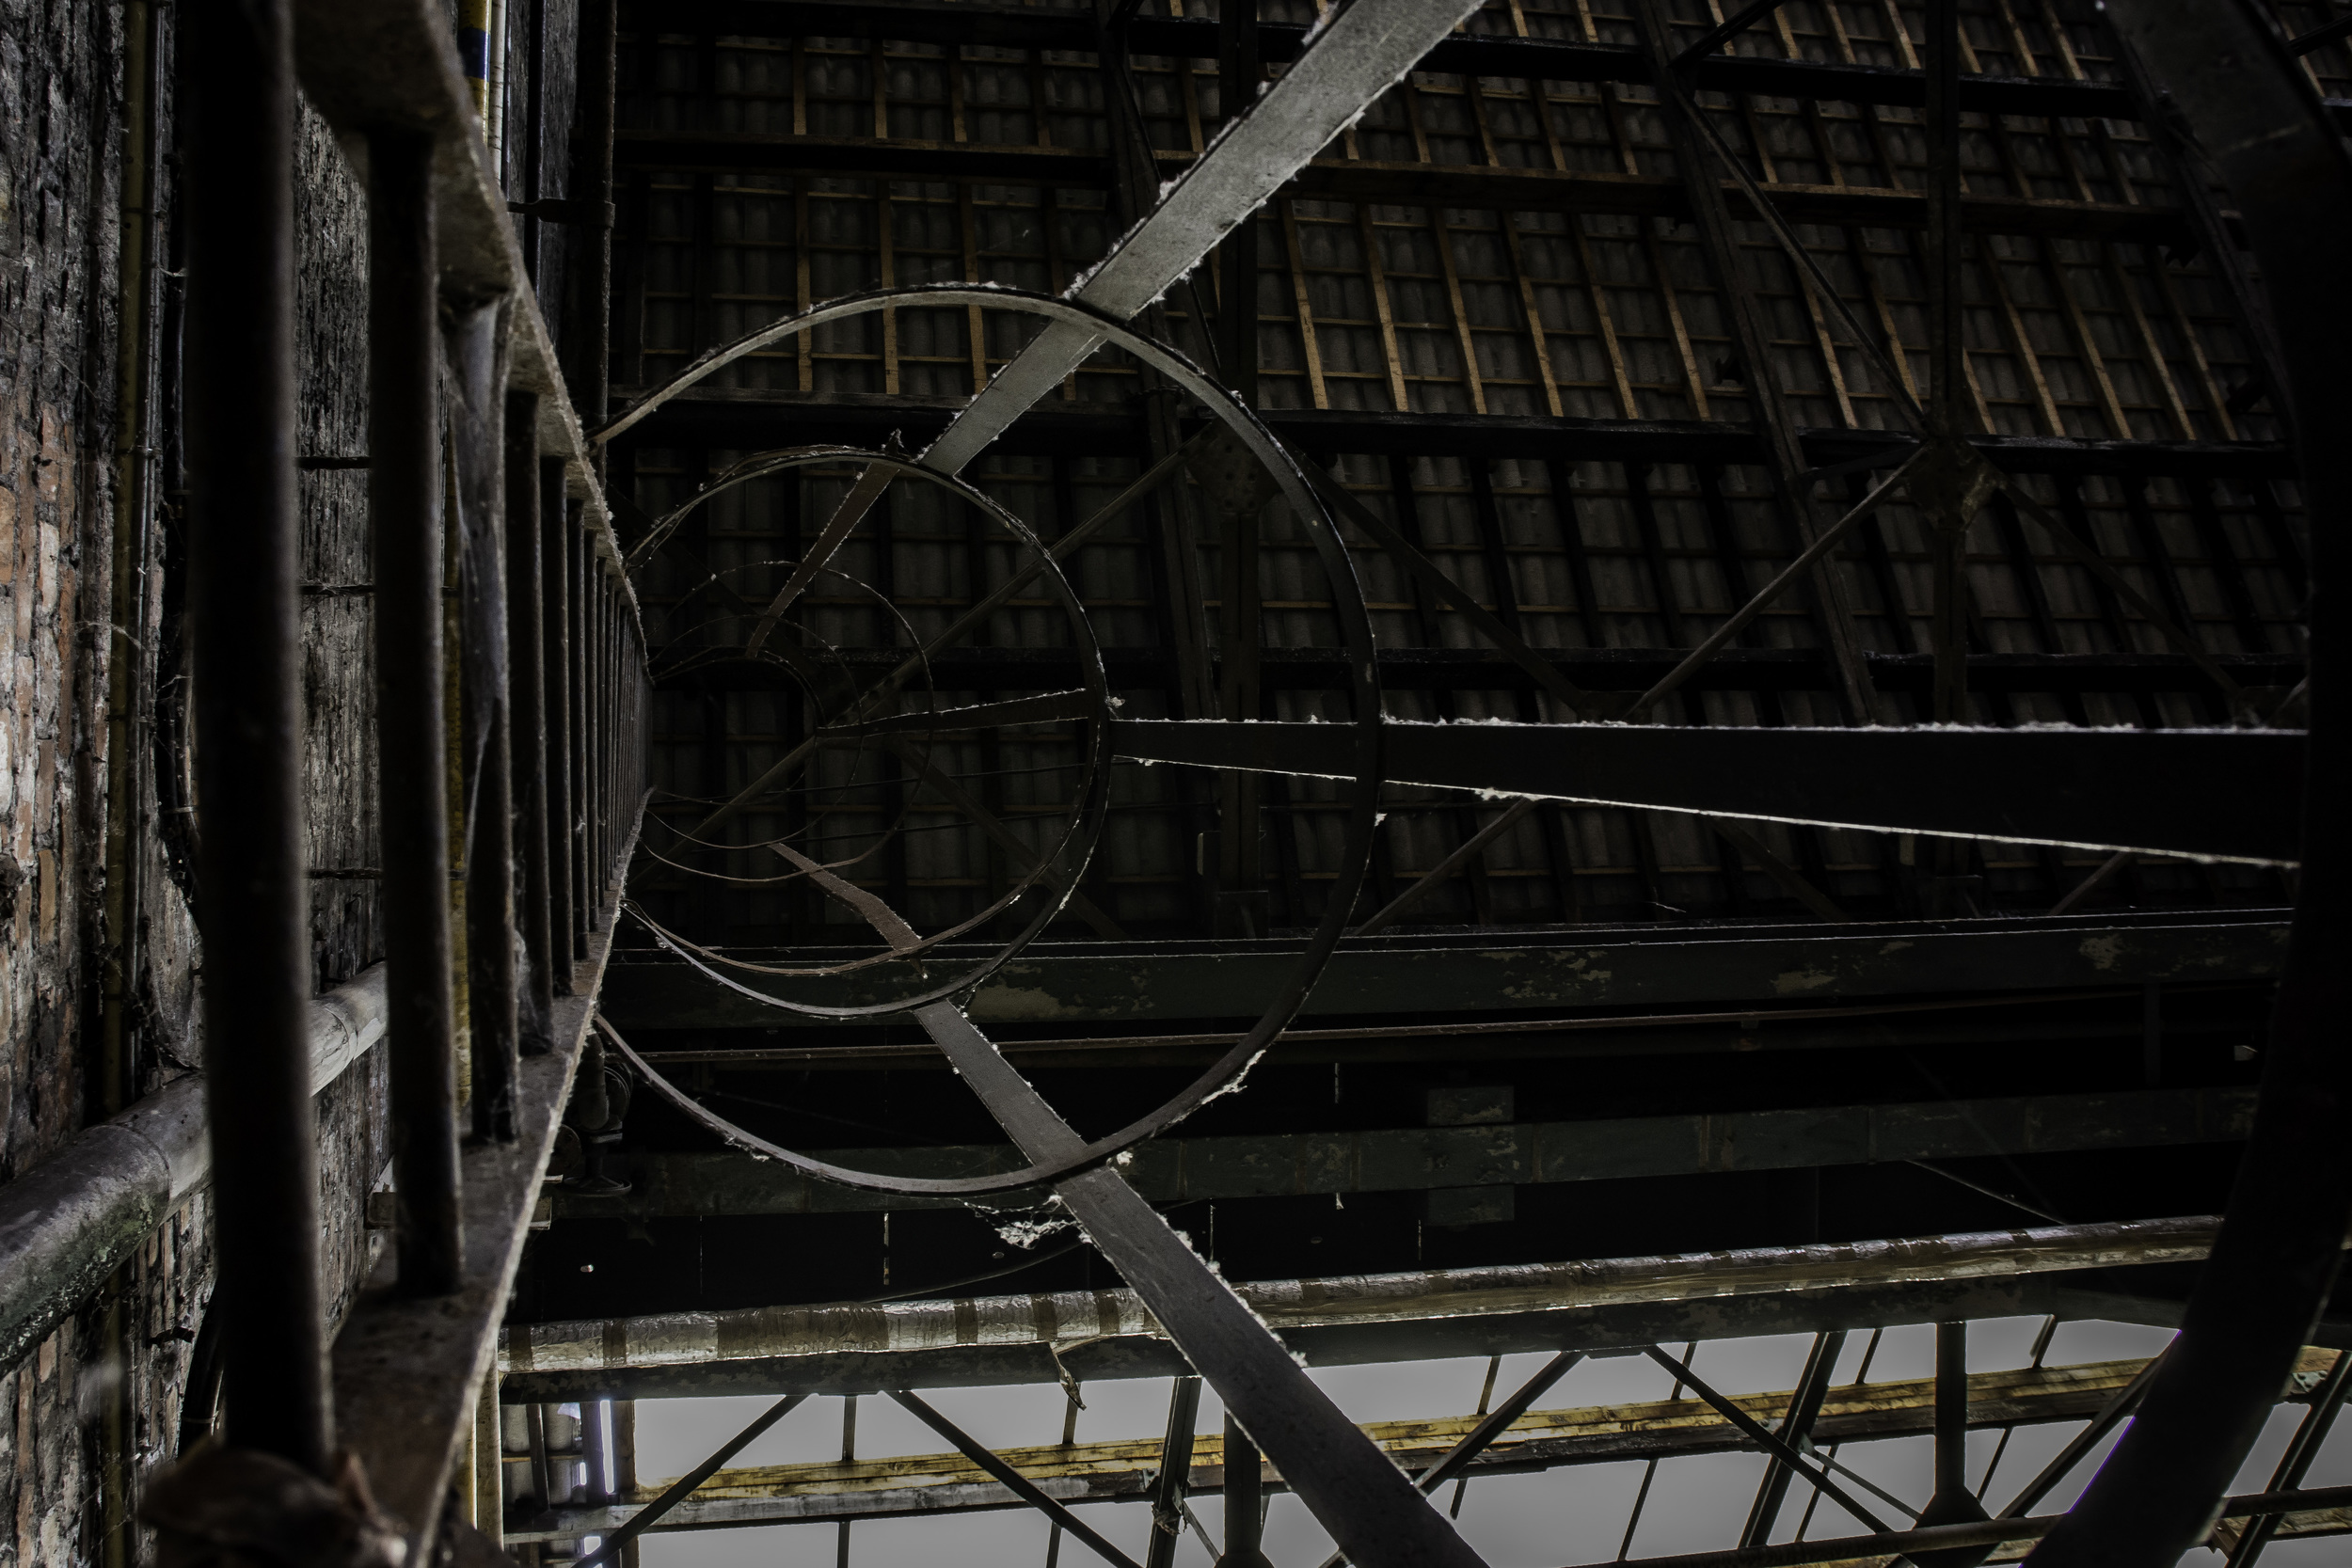 viewfinder-eigenzinnige-fotografie-urbex-vergane-glorie-oude-papierfabriek-ladder-atelier